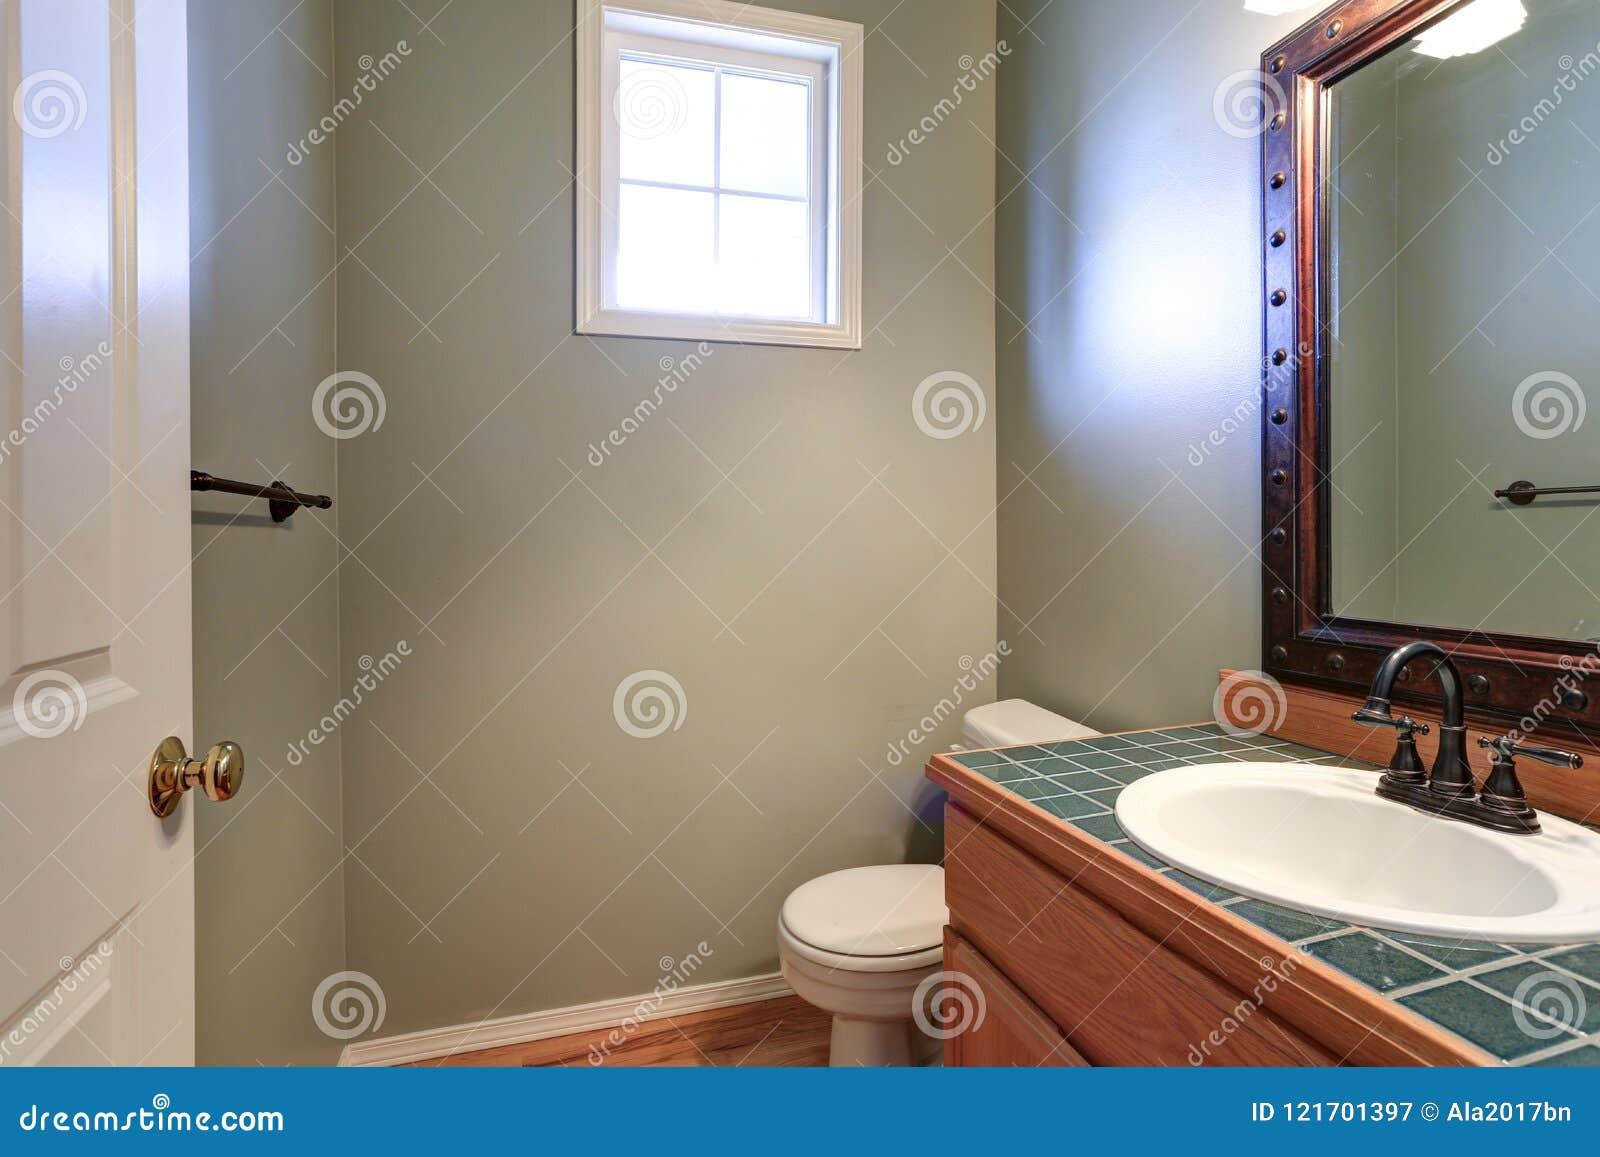 Les Toilettes Pour Dames Grises Offrent Le Coffret De Vanite